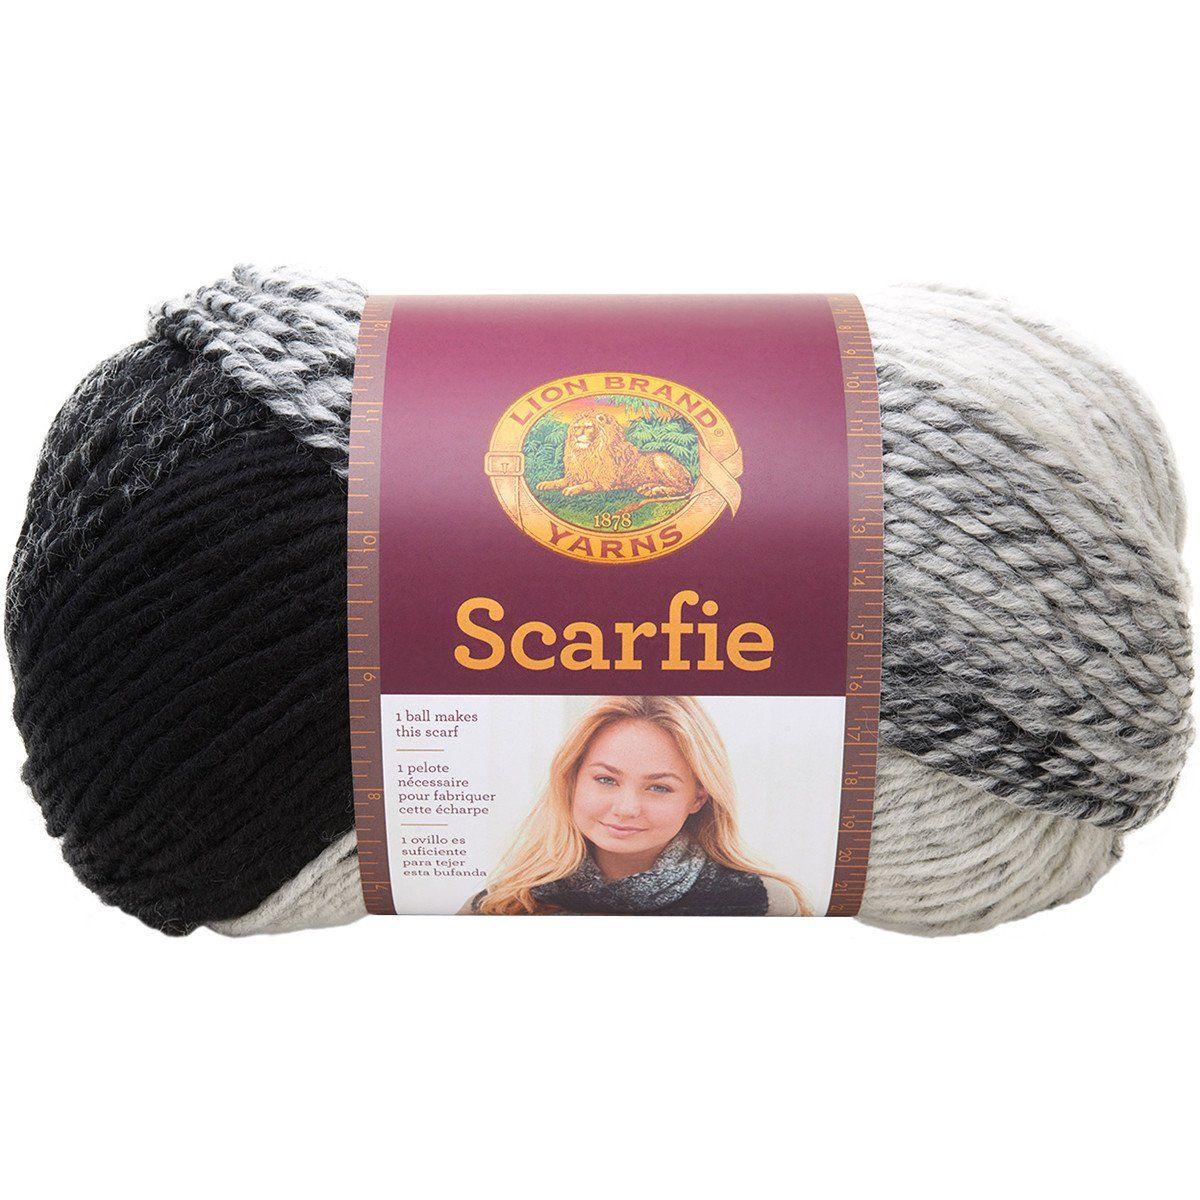 Lion Brand® Scarfie Yarn Cream, Black | Garn